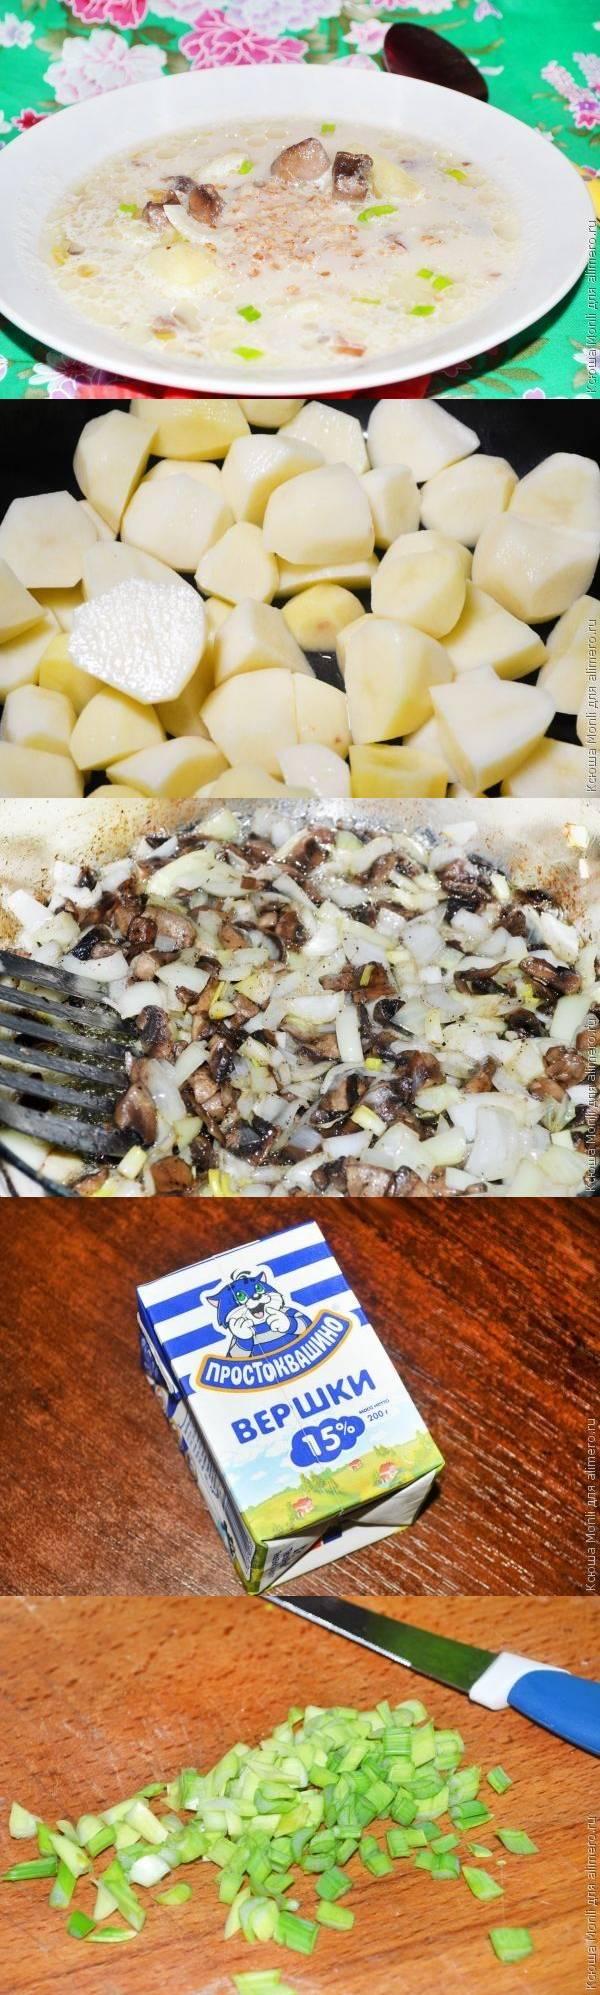 Грибной суп с гречневыми хлопьями